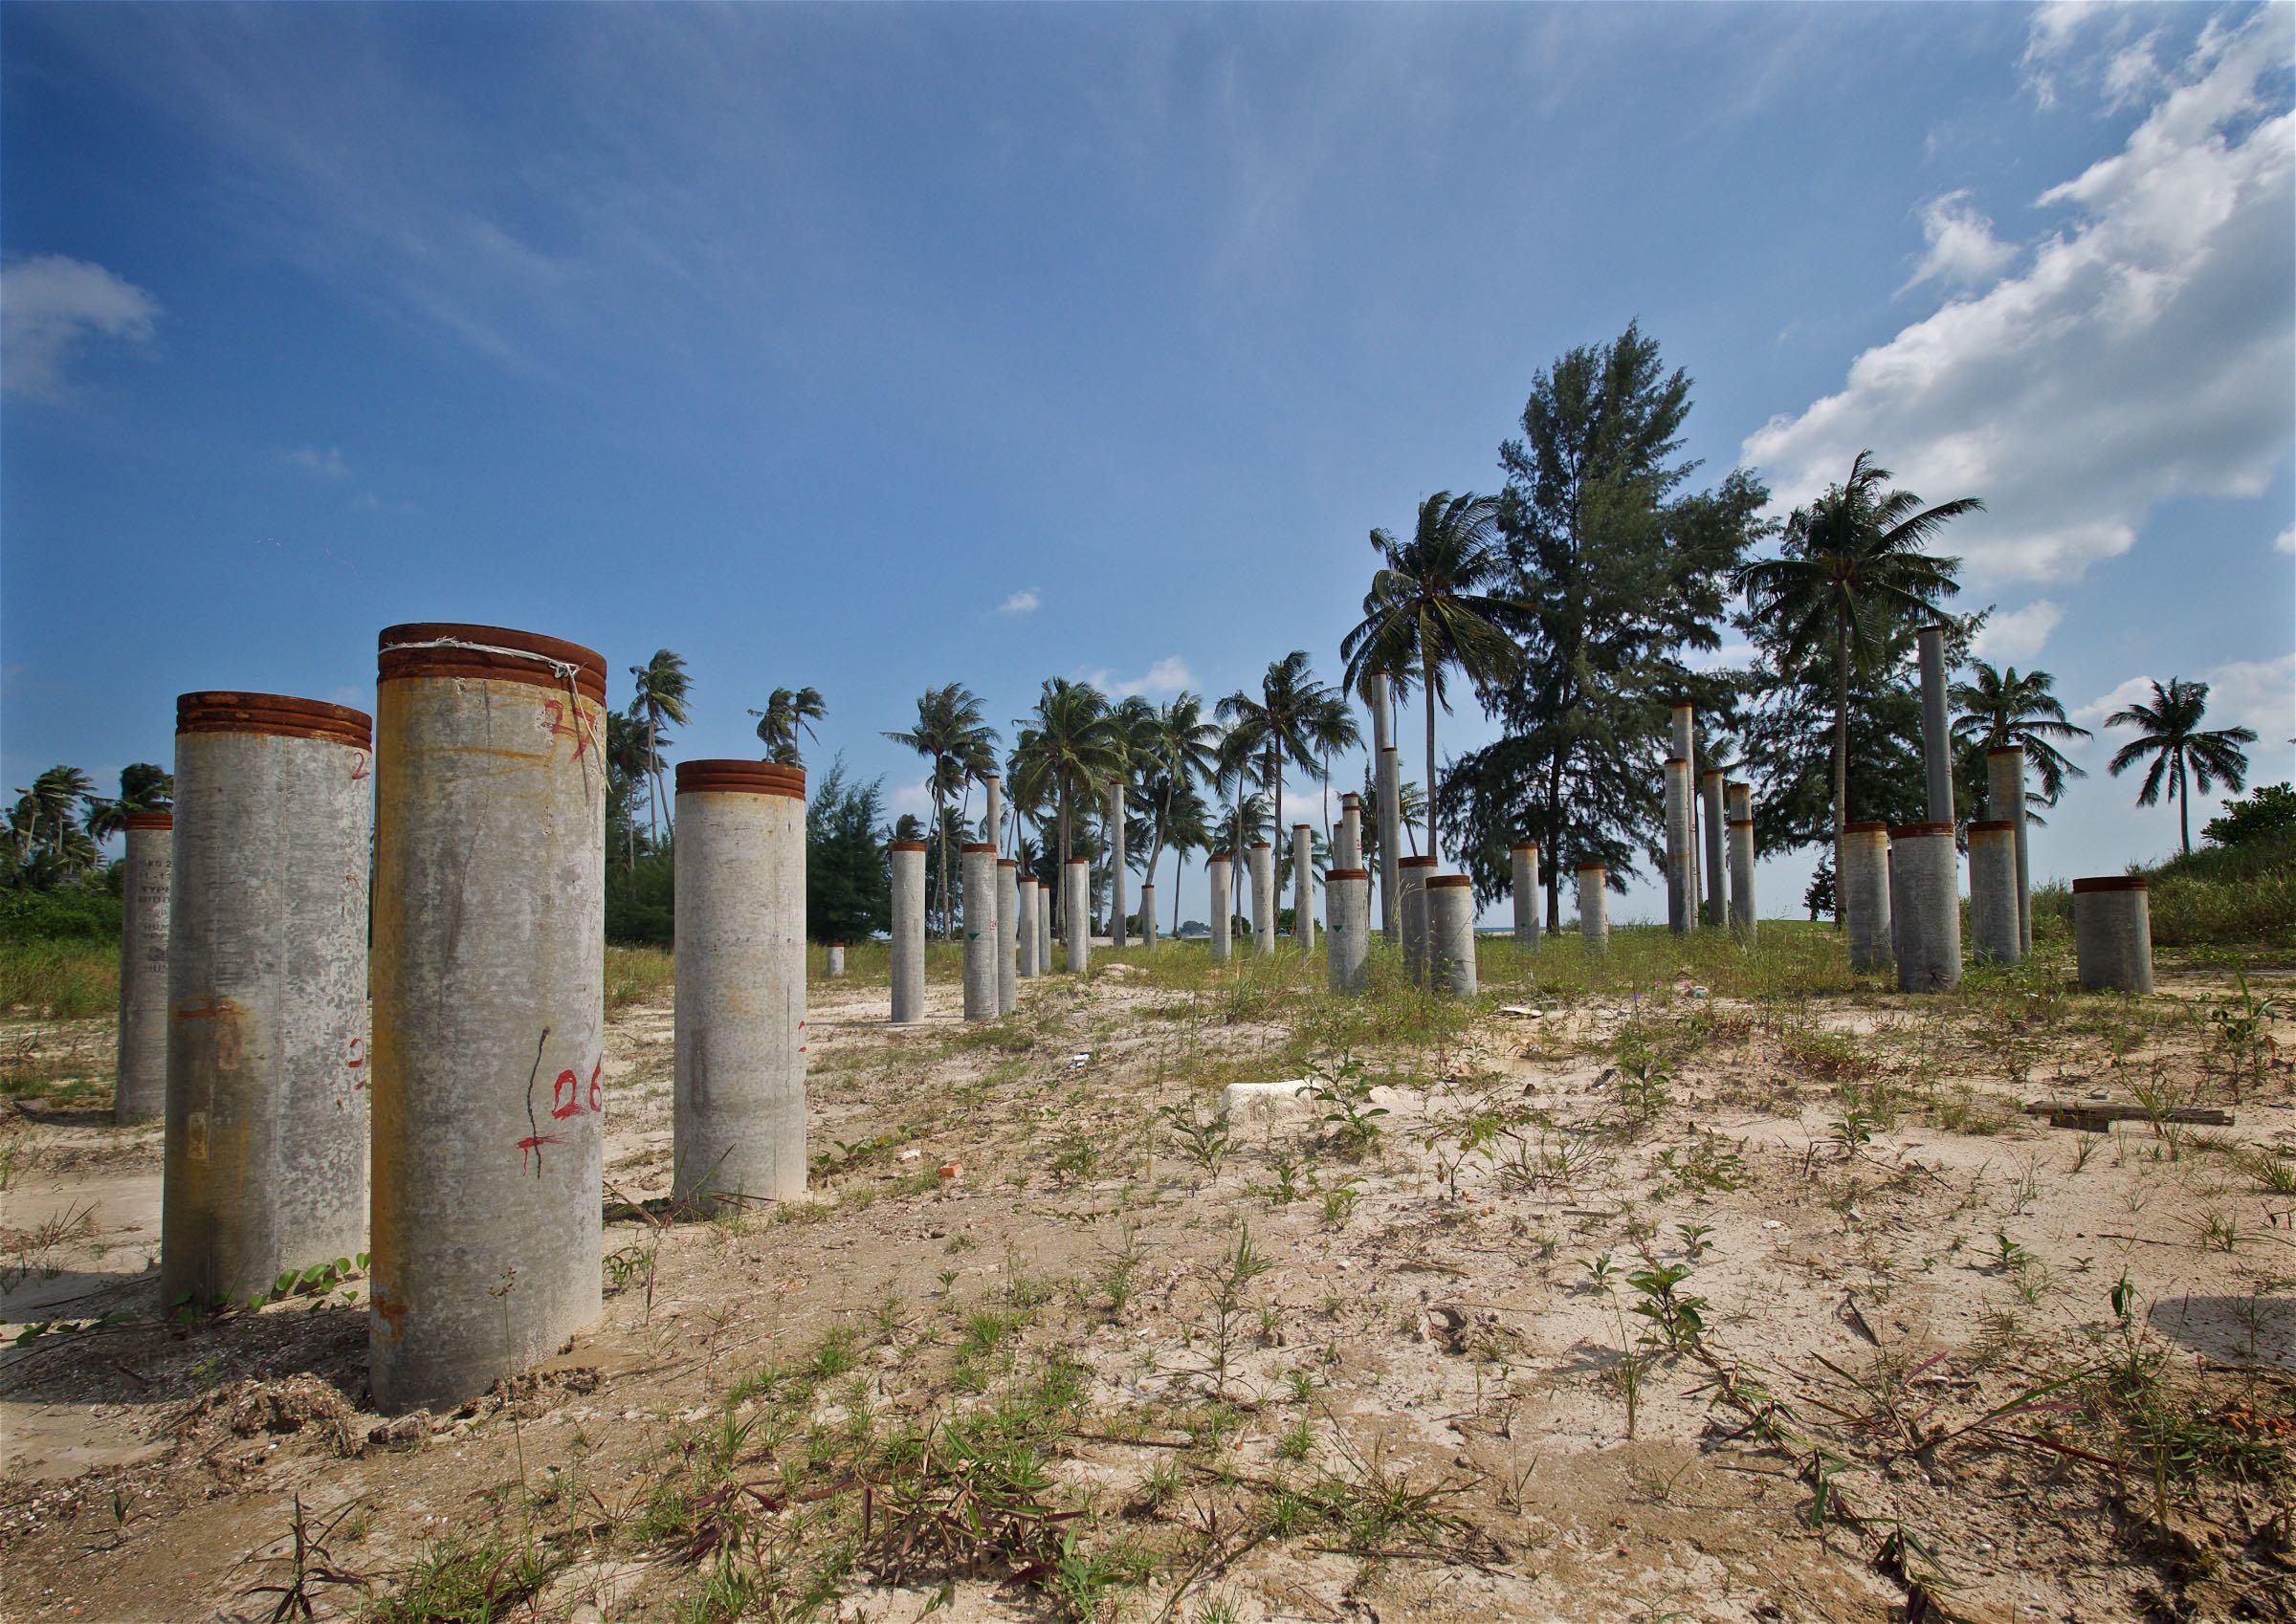 Human vs Natural Palm Trees